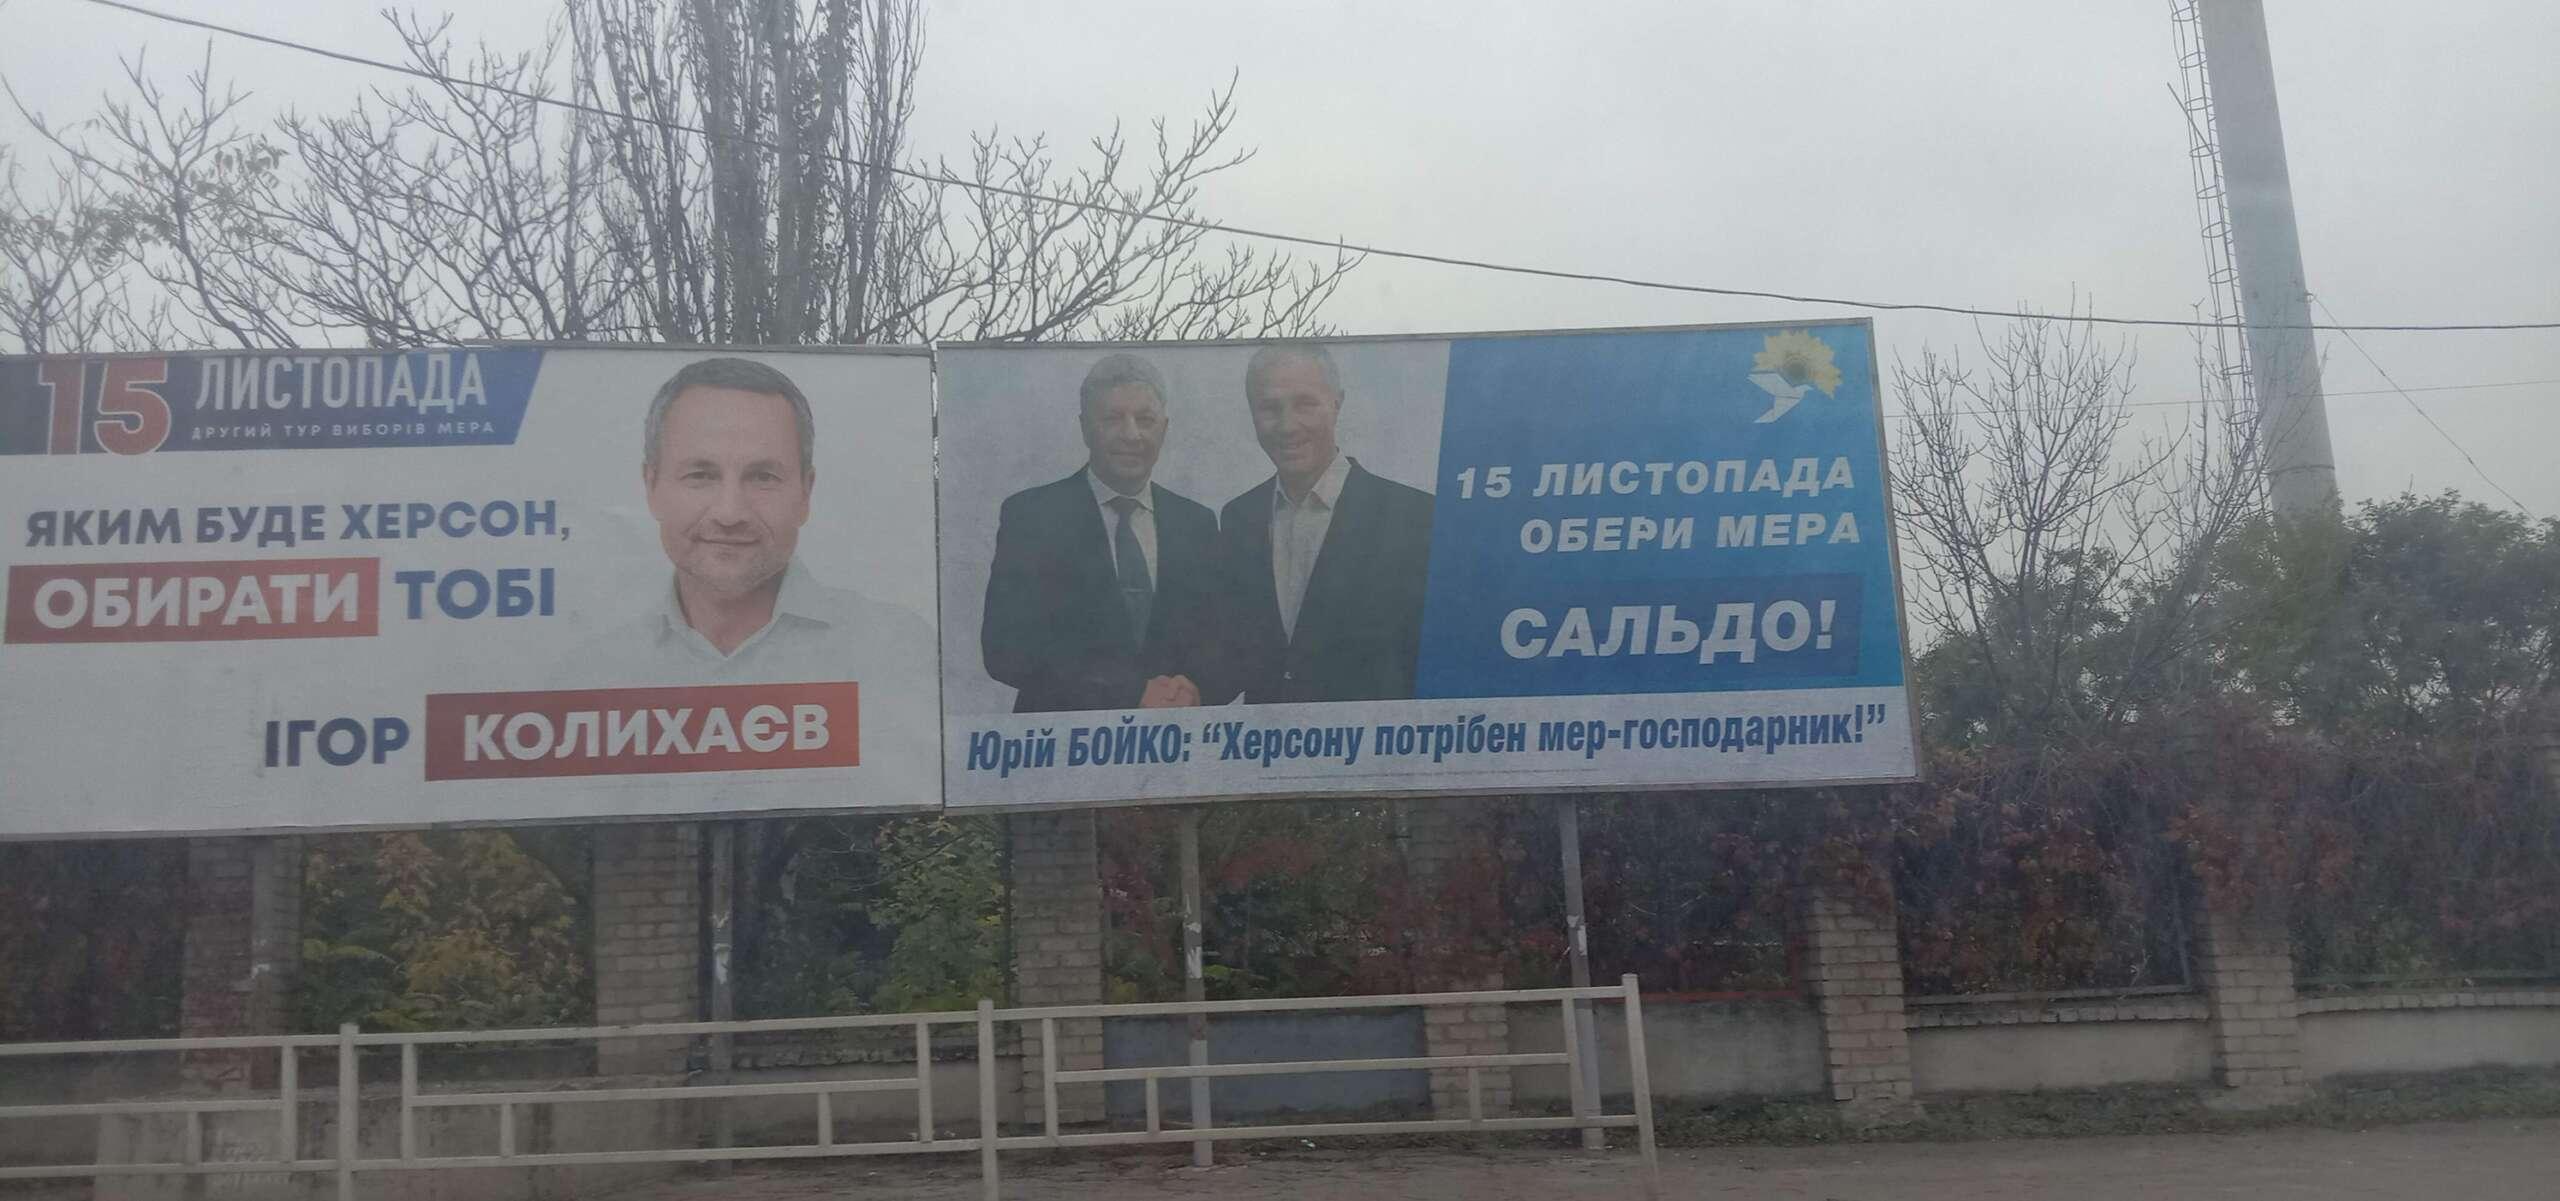 Борьба за Юг: кто станет мэром Одессы, Николаева и Херсона - фото 2